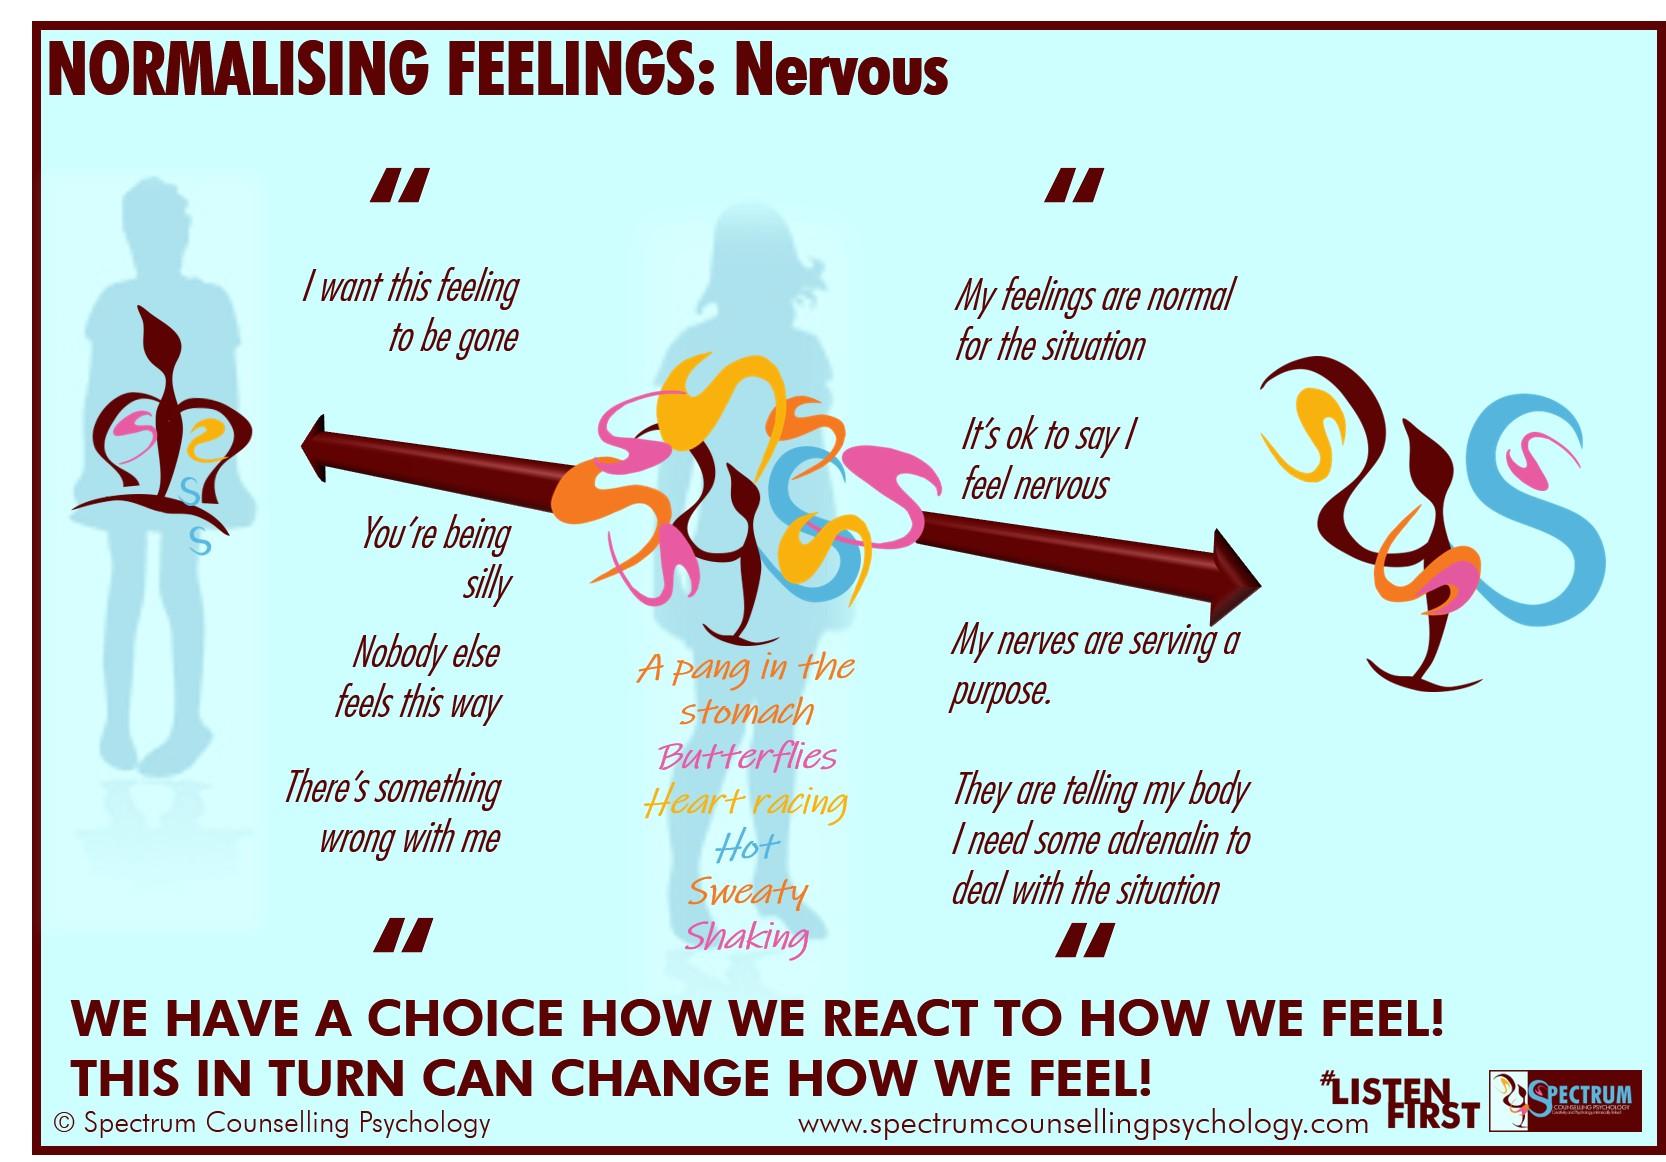 Normalising feelings nervous